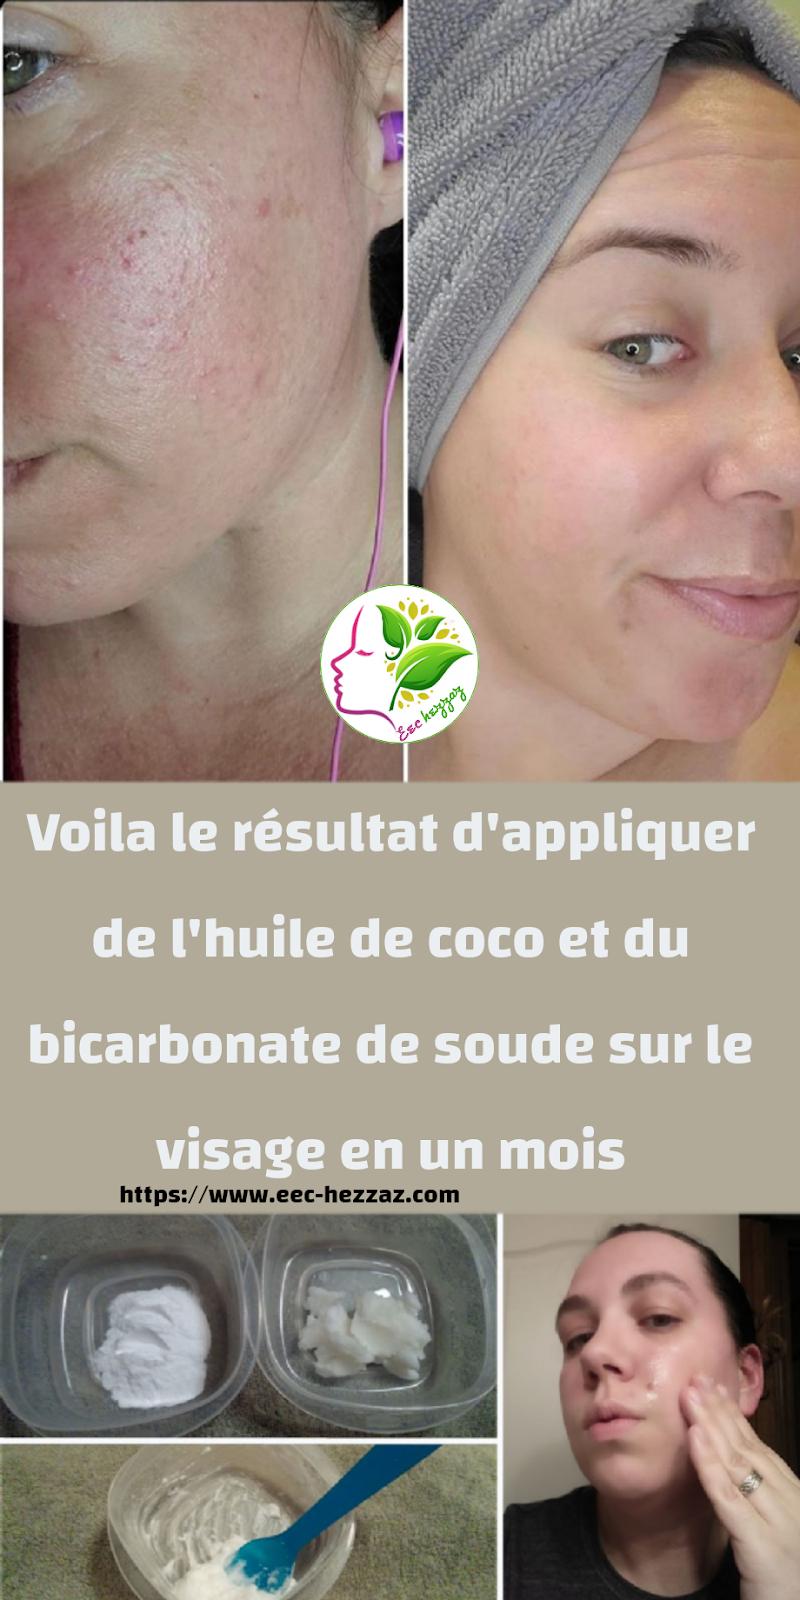 Voila le résultat d'appliquer de l'huile de coco et du bicarbonate de soude sur le visage en un mois